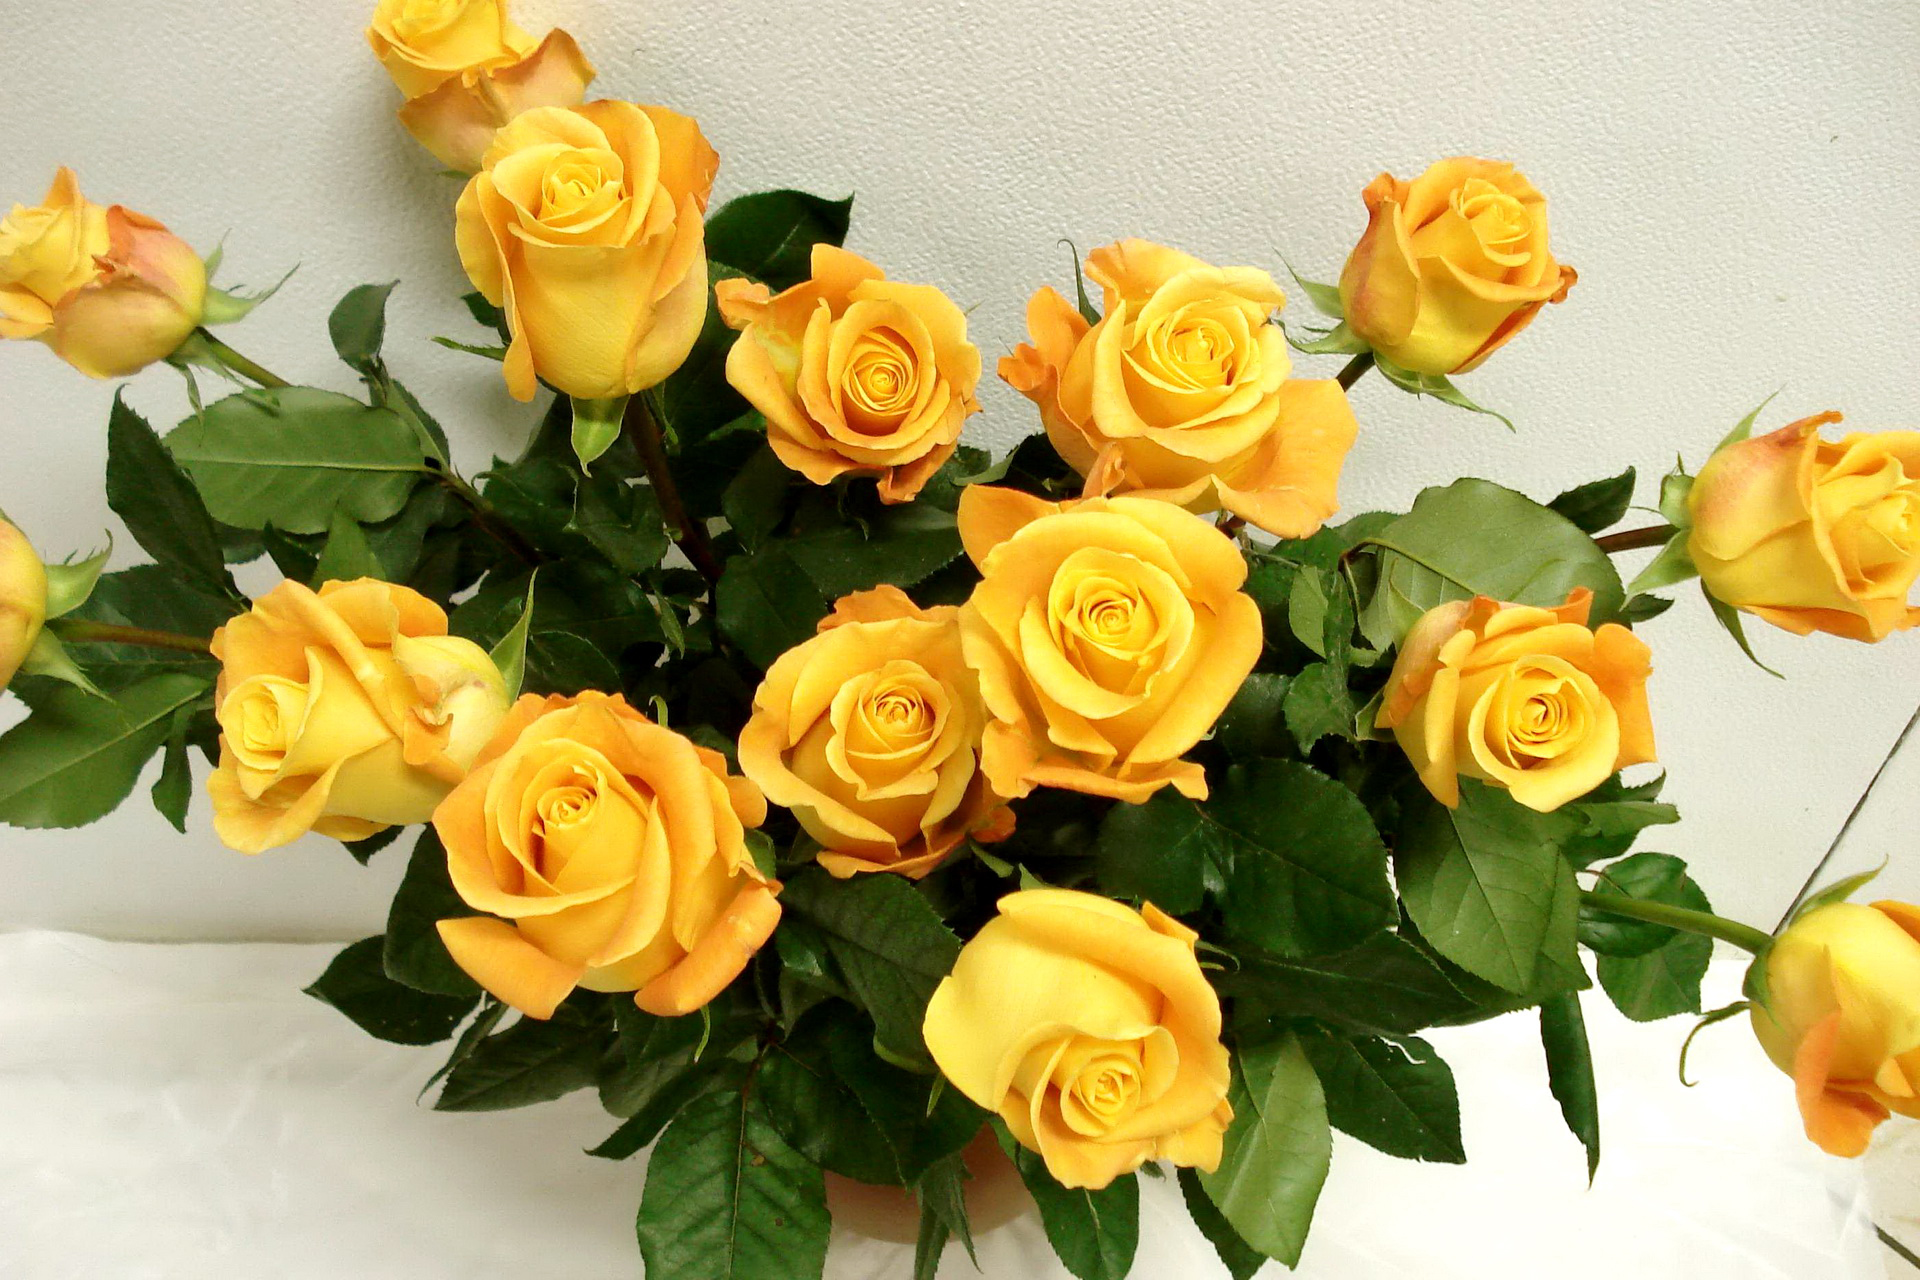 bouquet-de-fleurs_19